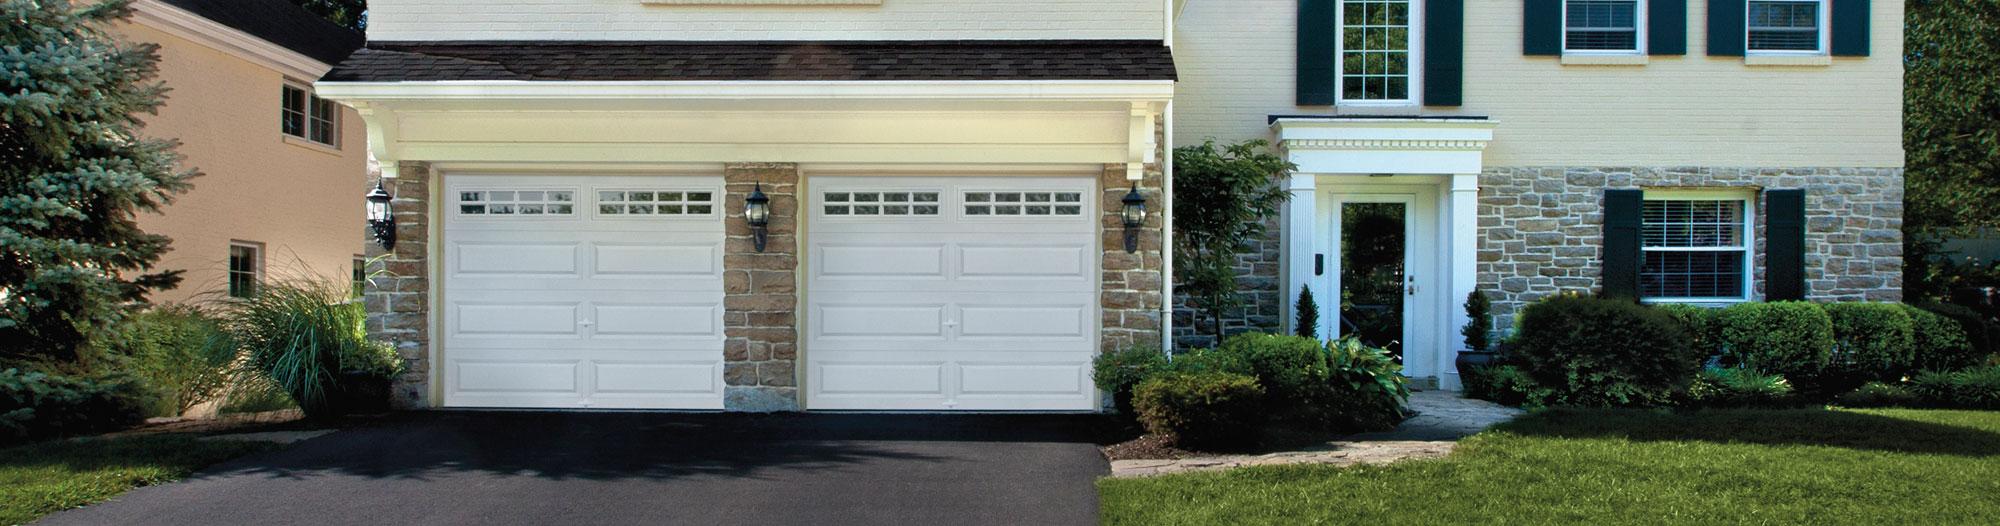 Liftmaster 8355 premium series garage door opener for Garage door repair grove city ohio